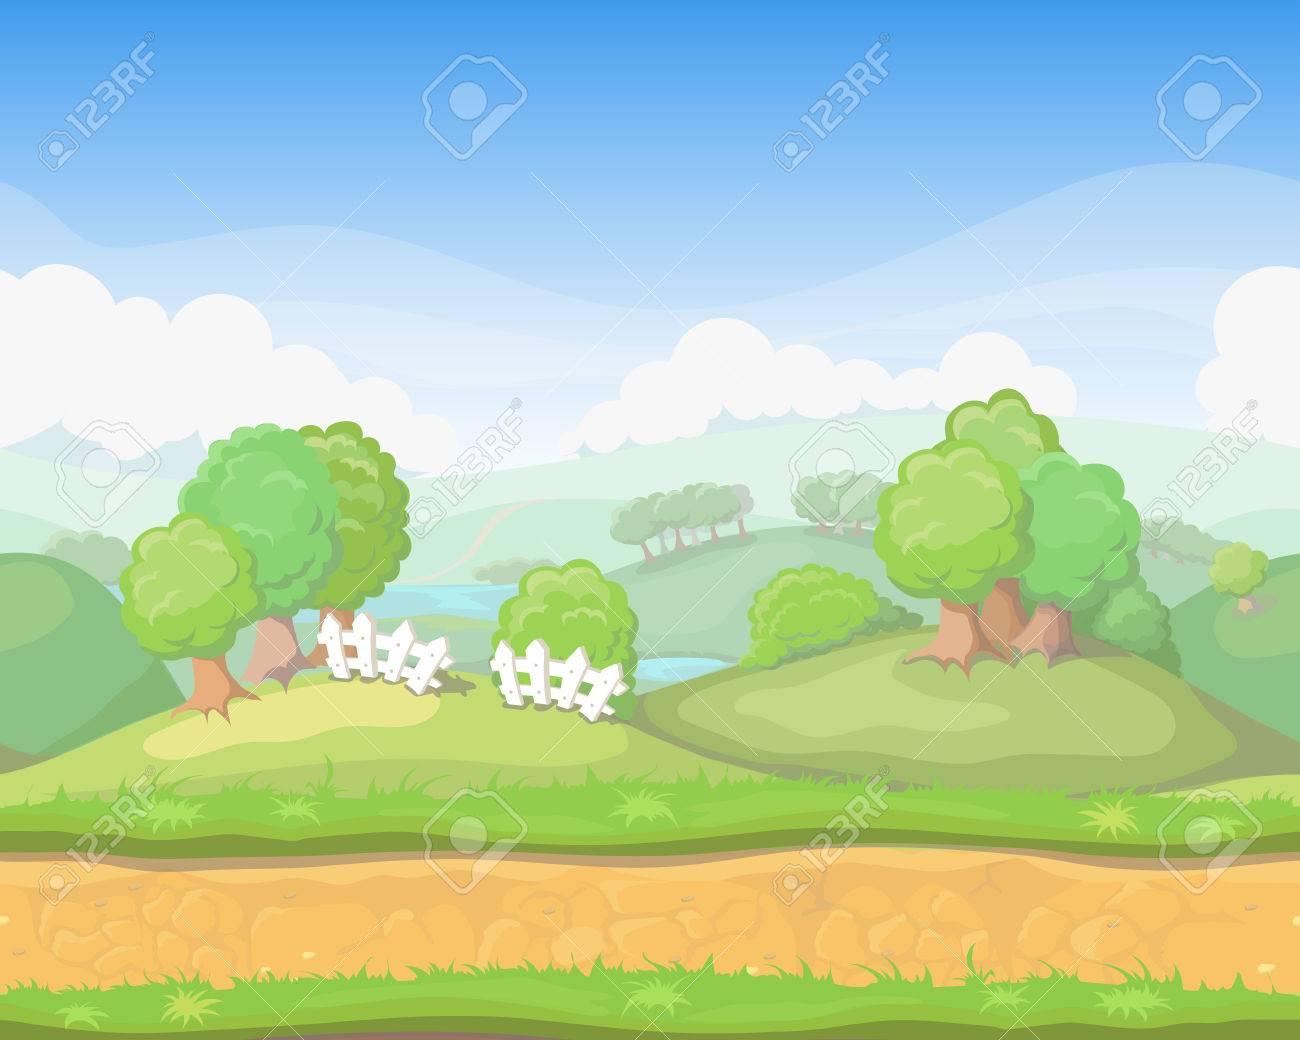 漫画かわいい国シームレス水平風景、ゲームの背景イラスト ロイヤリティ